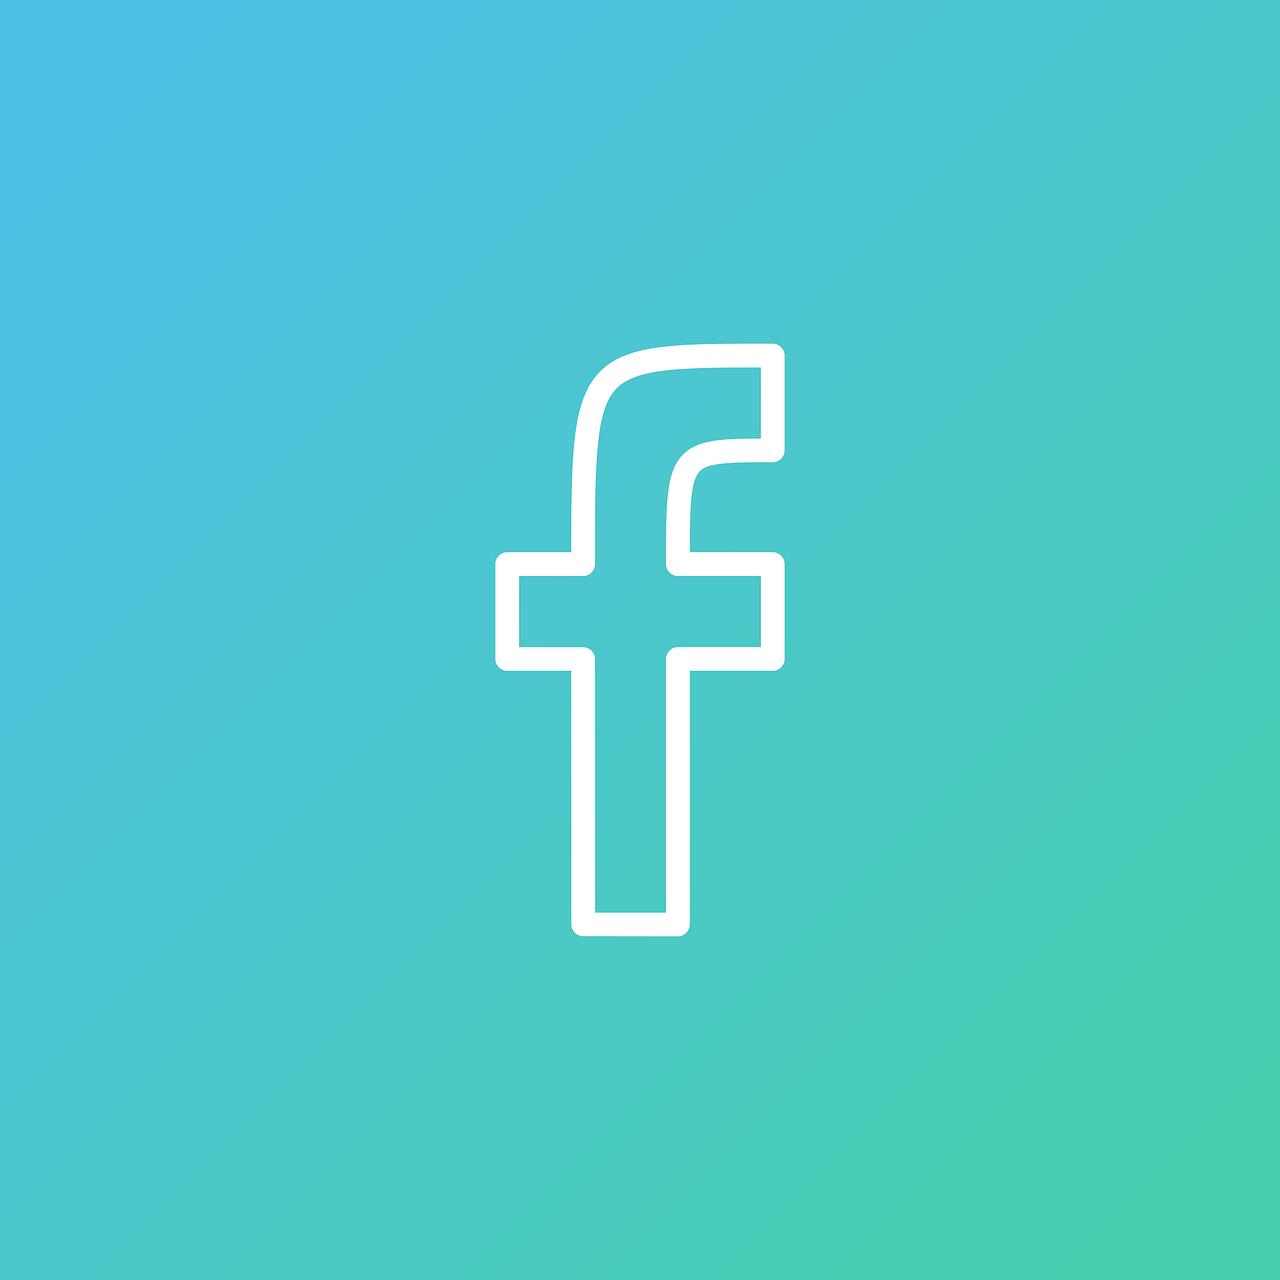 zuckerberg-promete-revisar-las-politicas-de-facebook-para-evitar-posts-que-inciten-a-la-violencia